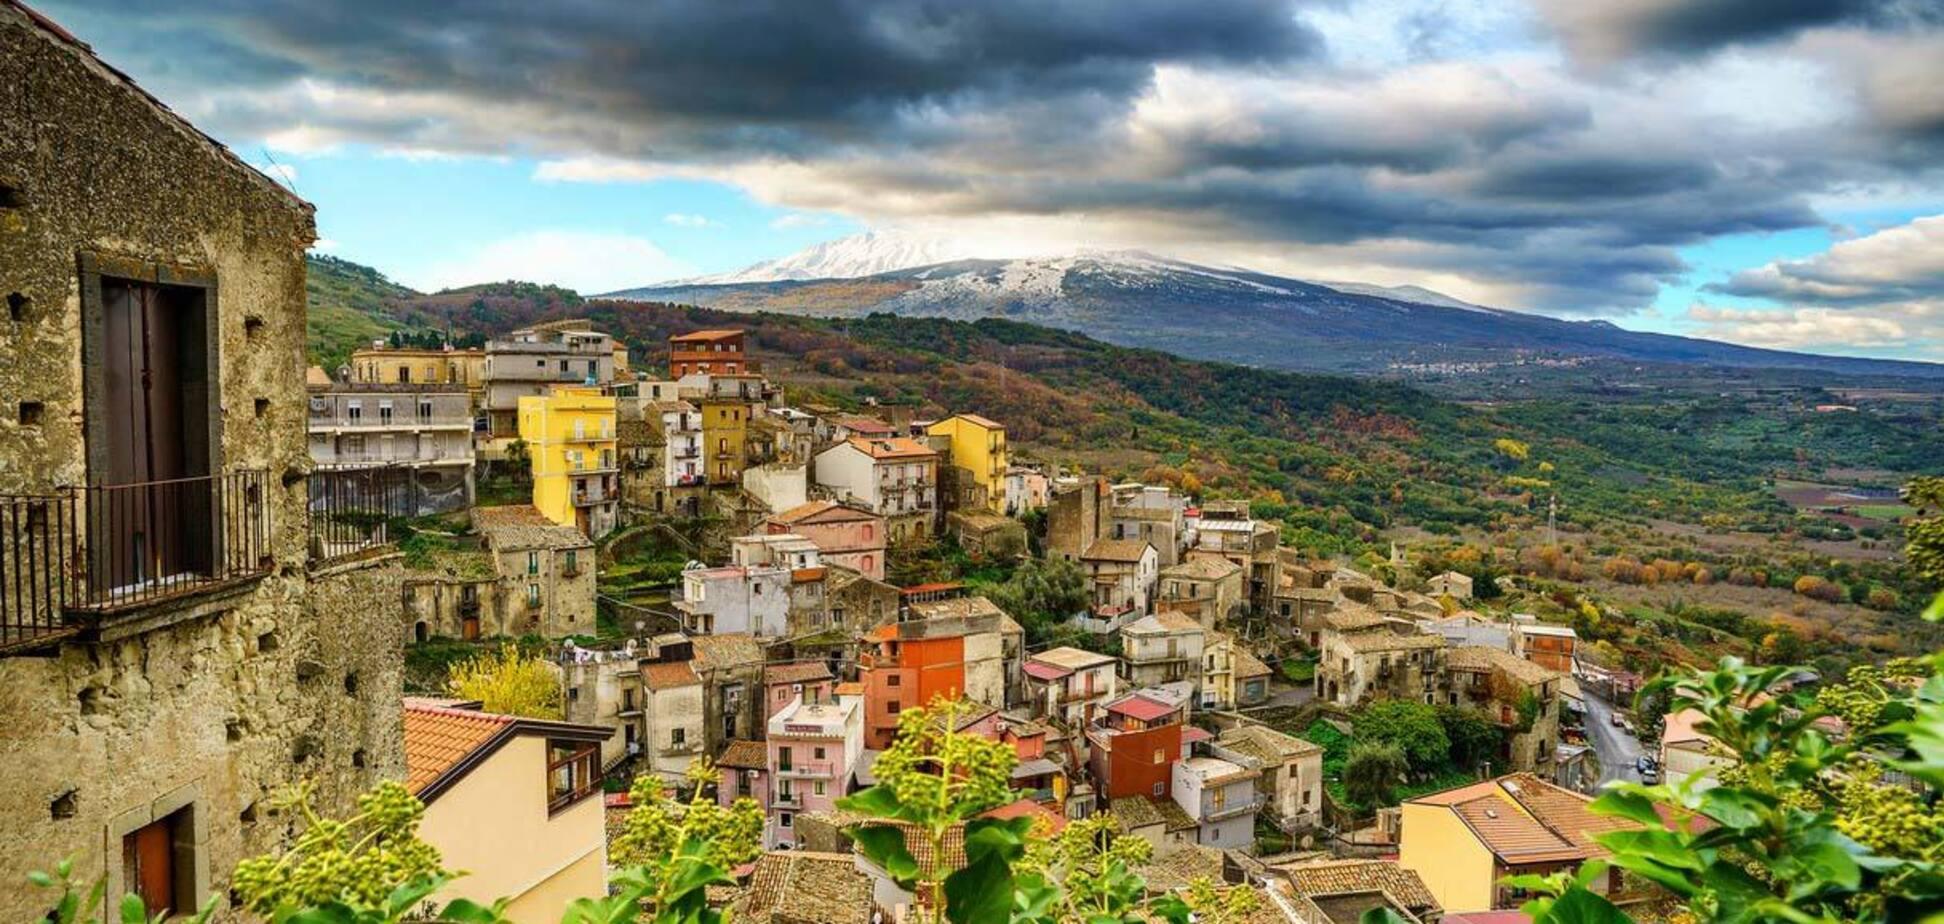 У місті Кастільйоне-ді-Сицилія будуть продавати будинки за 1 євро